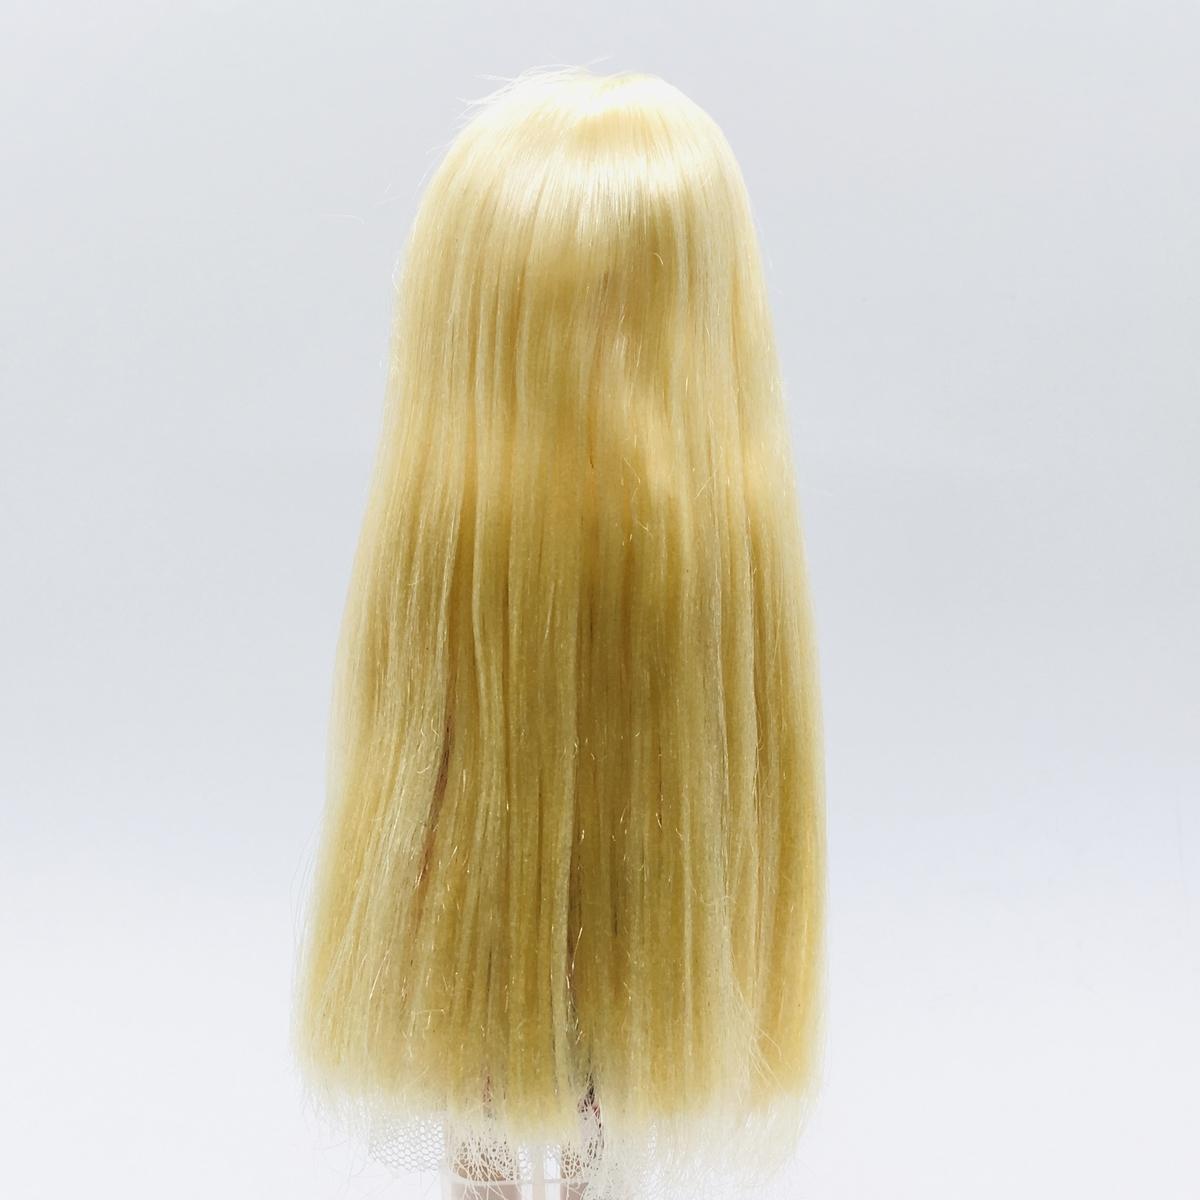 ウィッグオイルでお手入れをしたみさきちゃんの髪を後ろから見たところ